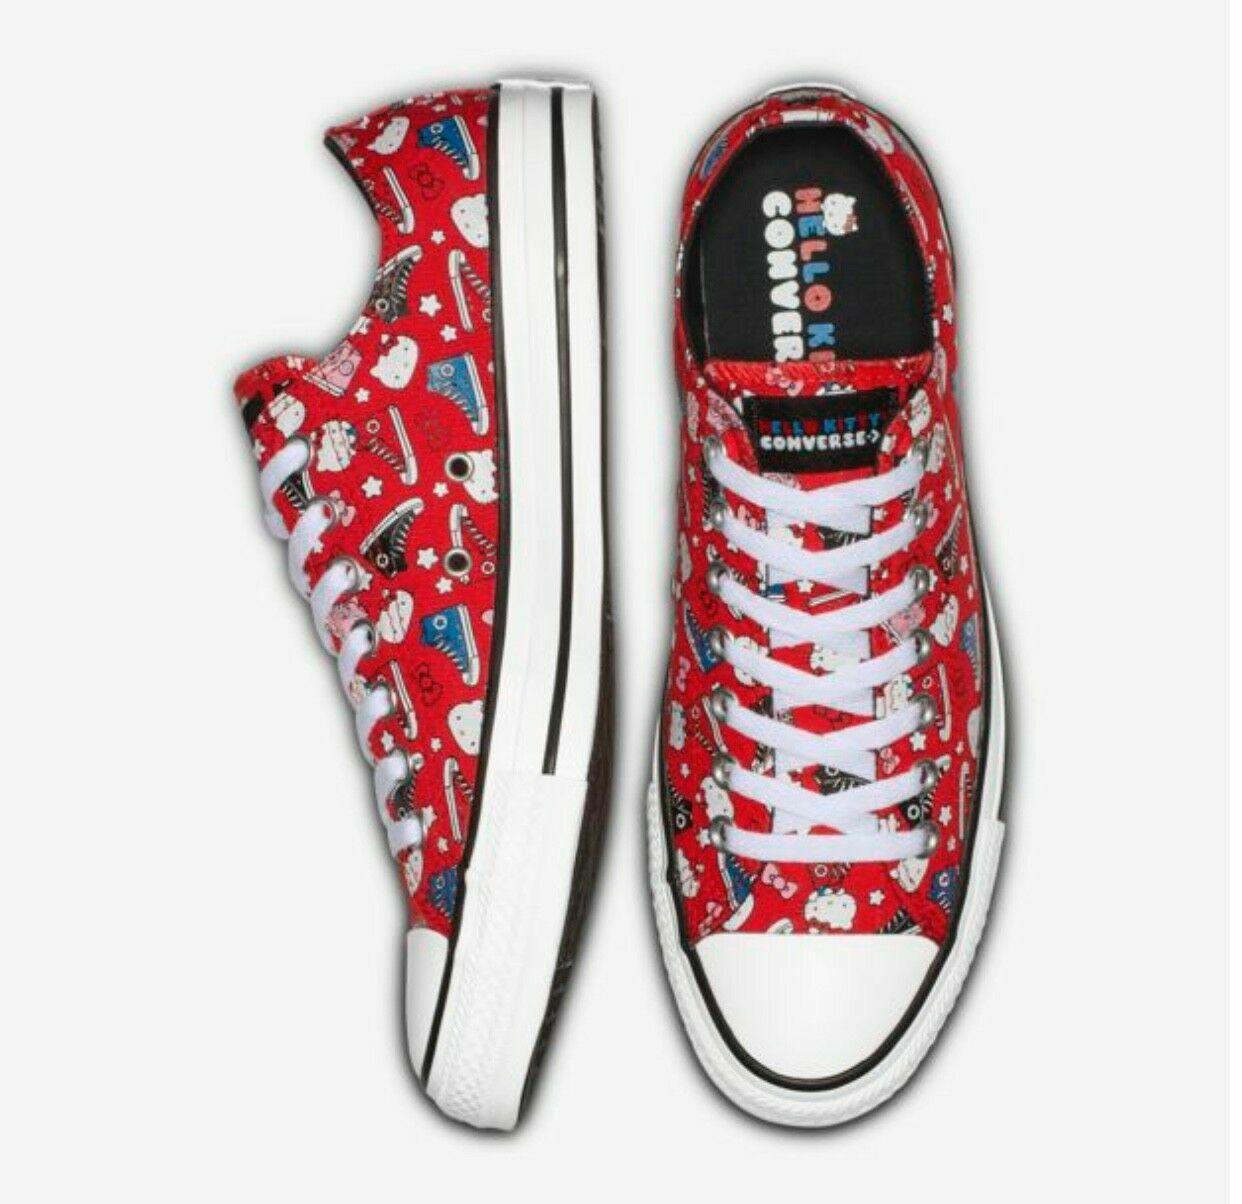 NIB Converse x Hello Kitty Chuck Taylor Low scarpe da ginnastica rosso M 6.5 7 8    W 8.5 9 10